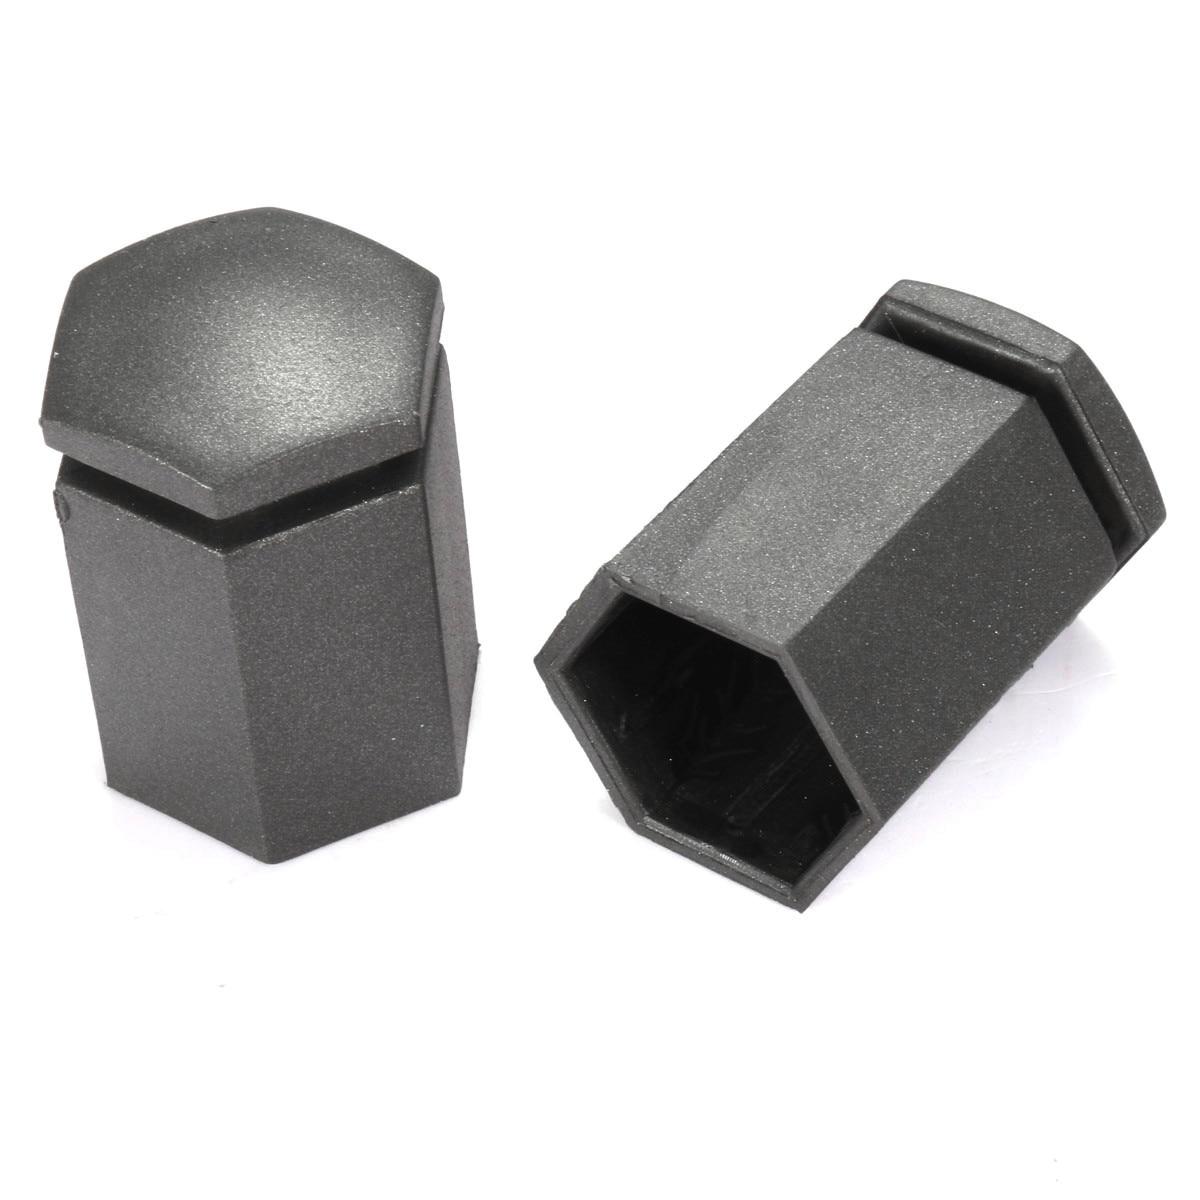 17x30mm 20 teile/satz 17mm Radmutter Abdeckung Bolzen Schutz Für ...